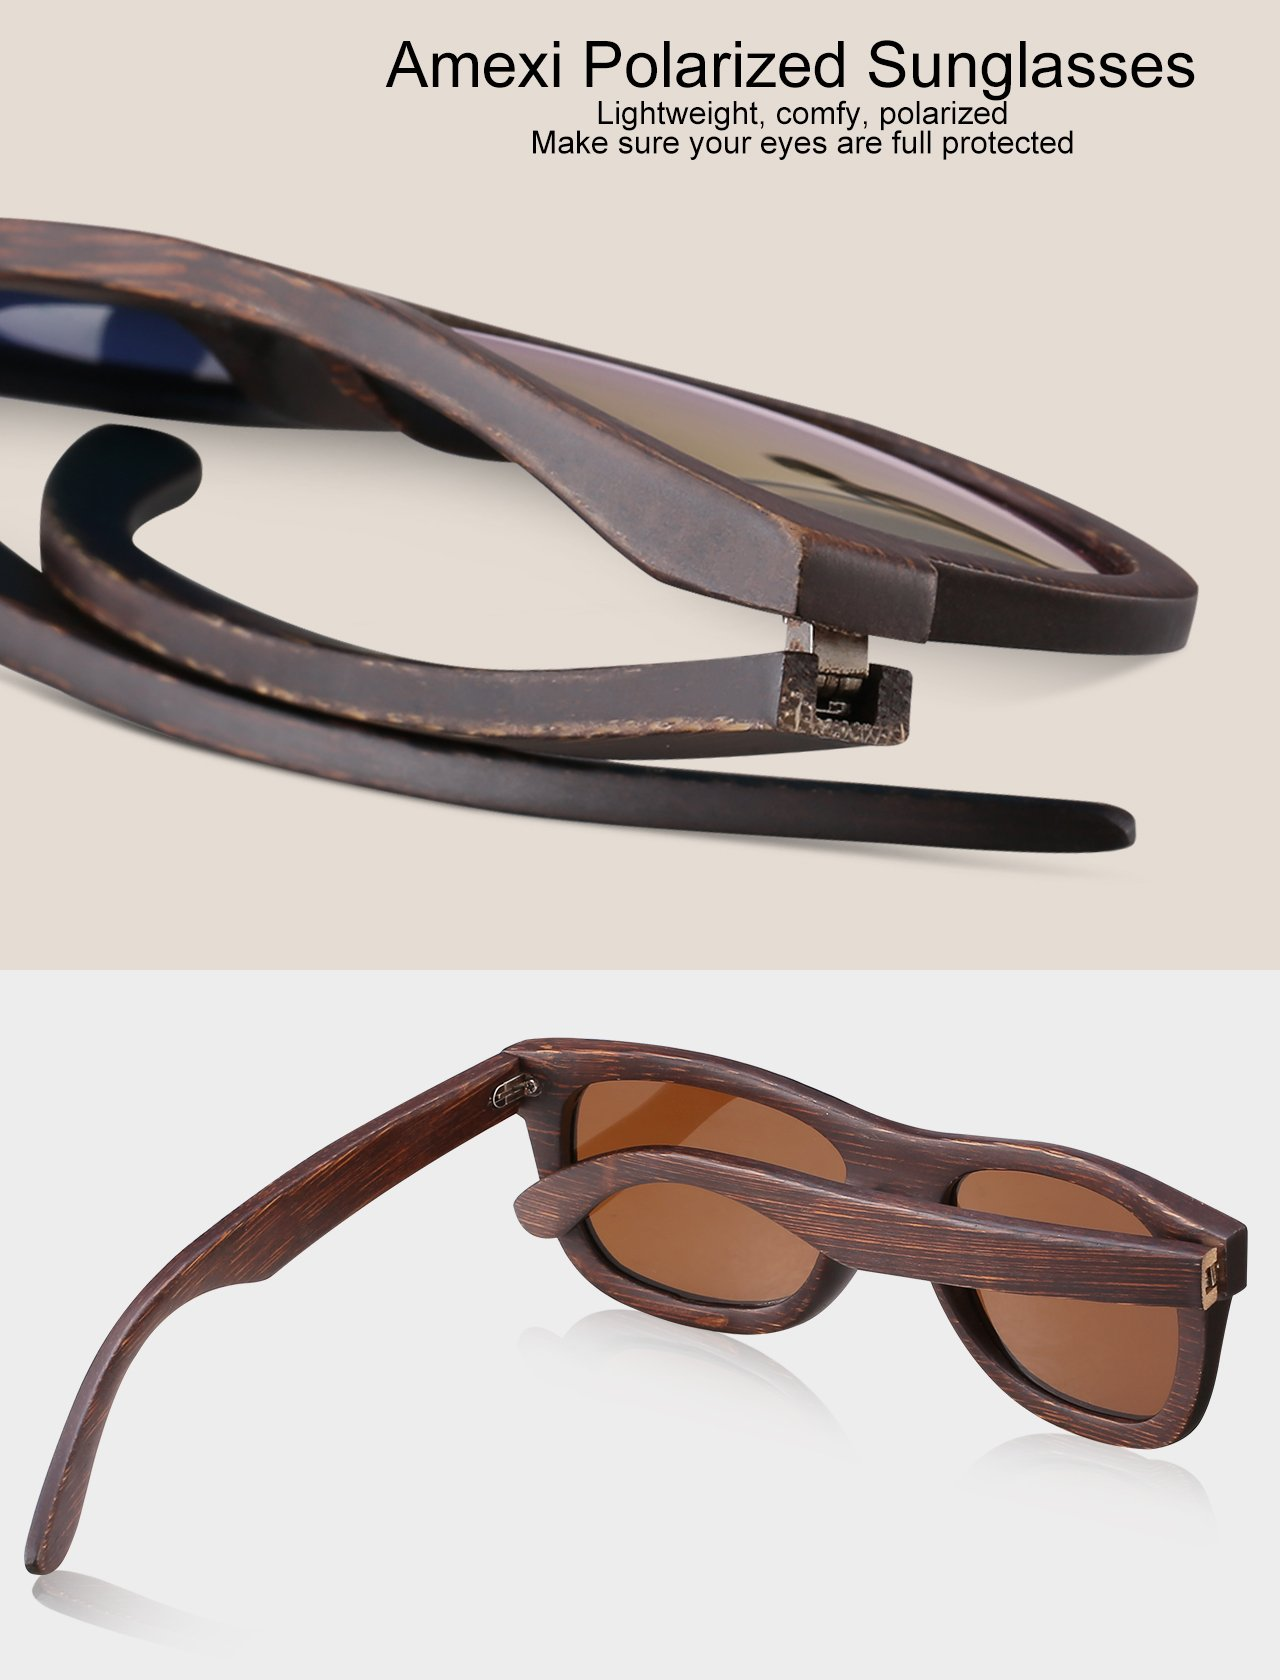 Amexi 2018 Novità Bambù Occhiali da sole con protezione UV400 Donne ,Uomo ,Luce unisex polarizzata anti-UV Occhiali da sole in legno